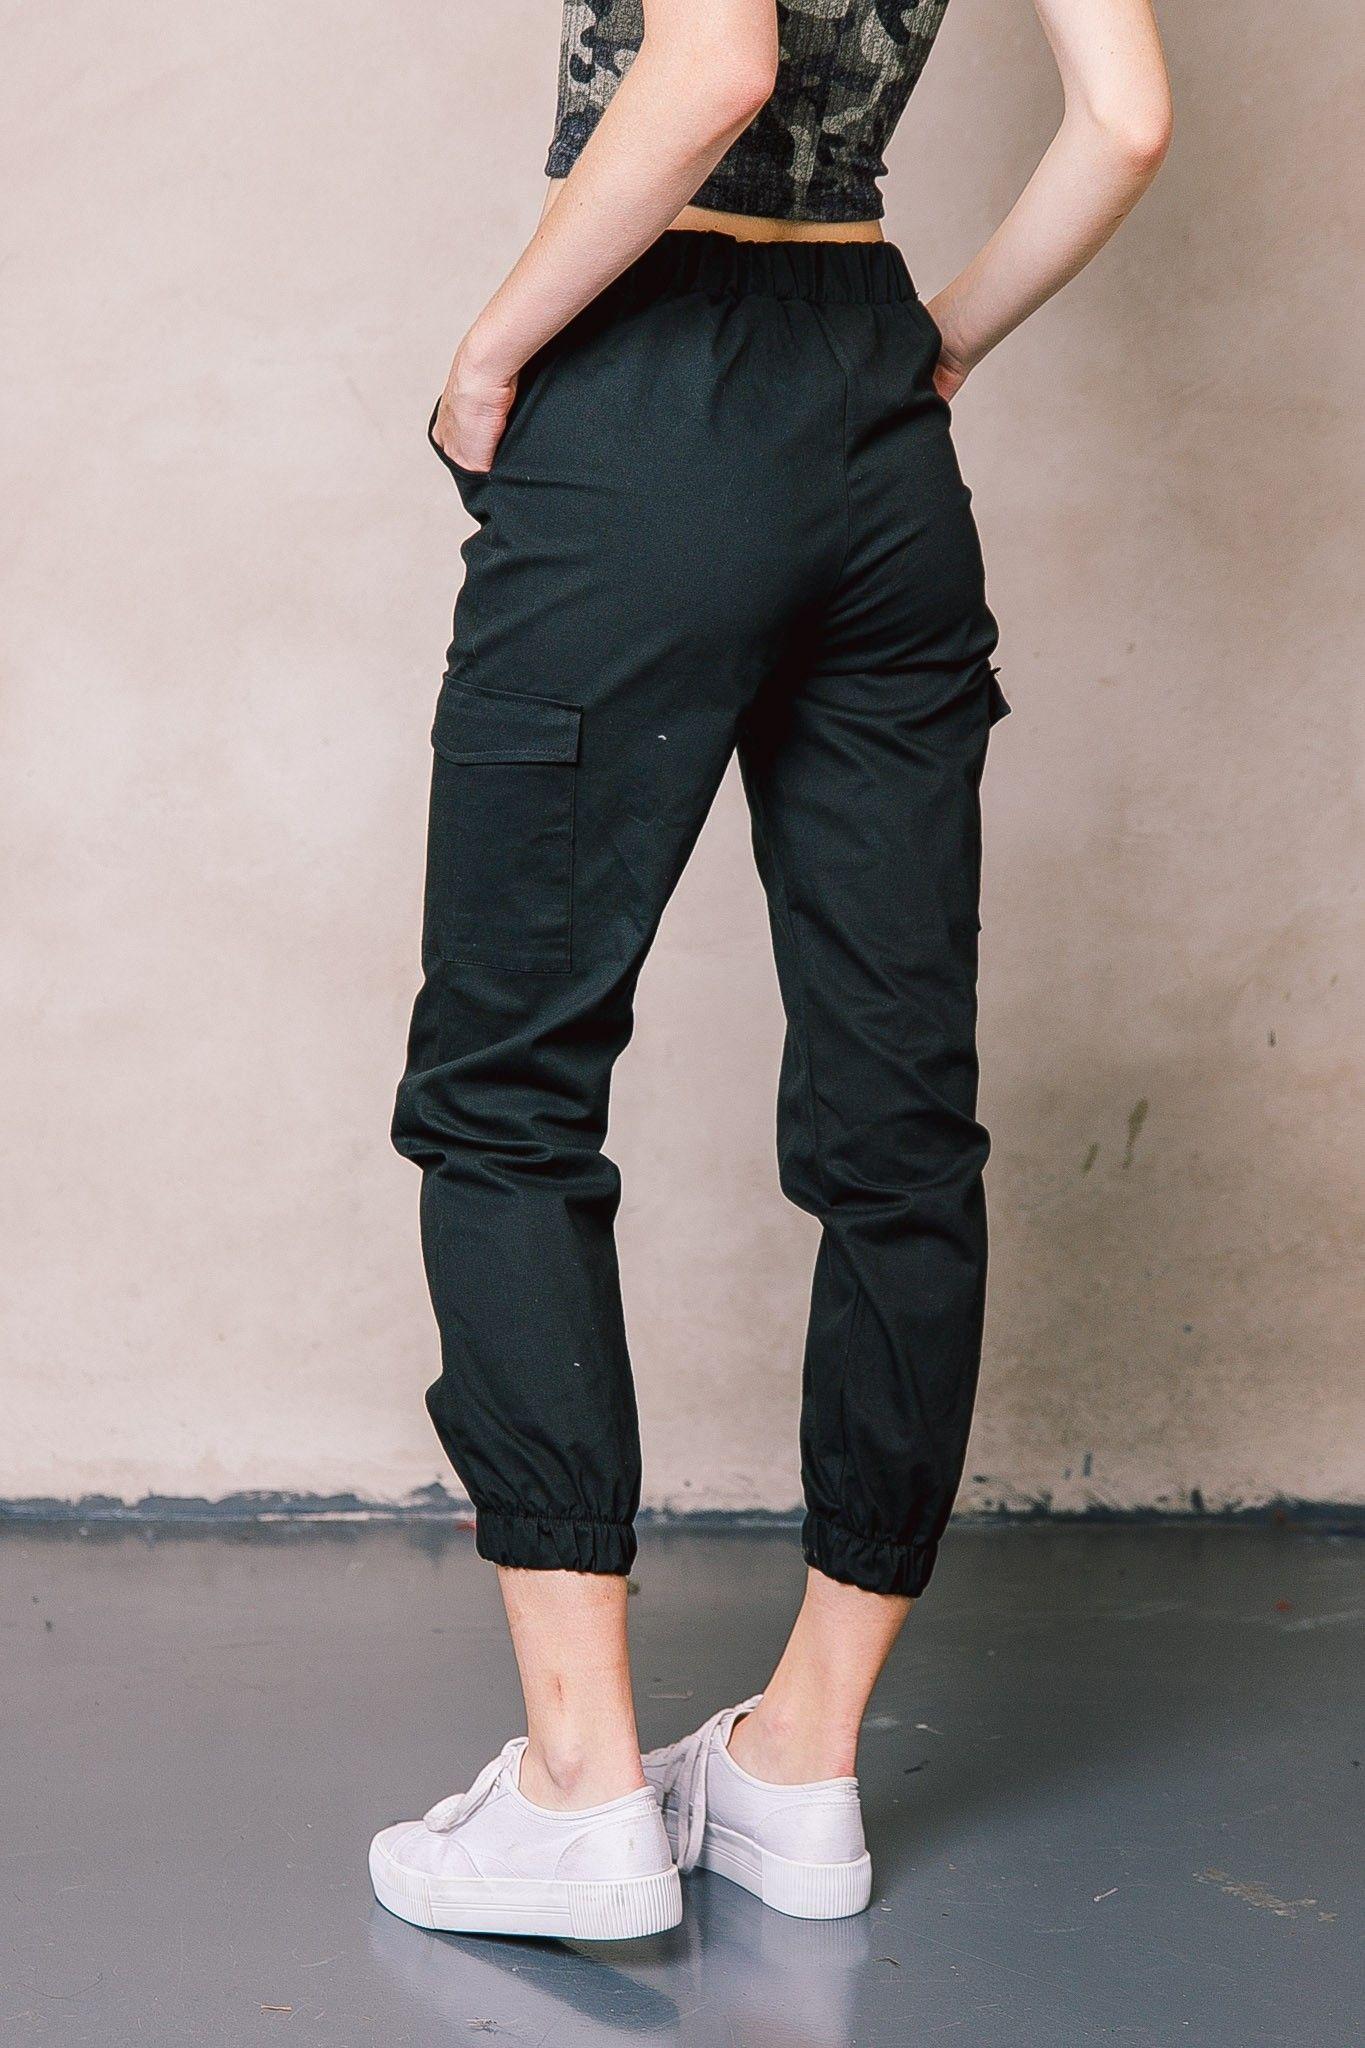 19inp030 Pantalon Cargo Nina Naif Pantalones Cargo Mujer Pantalones Bershka Mujer Pantalon De Gabardina Mujer